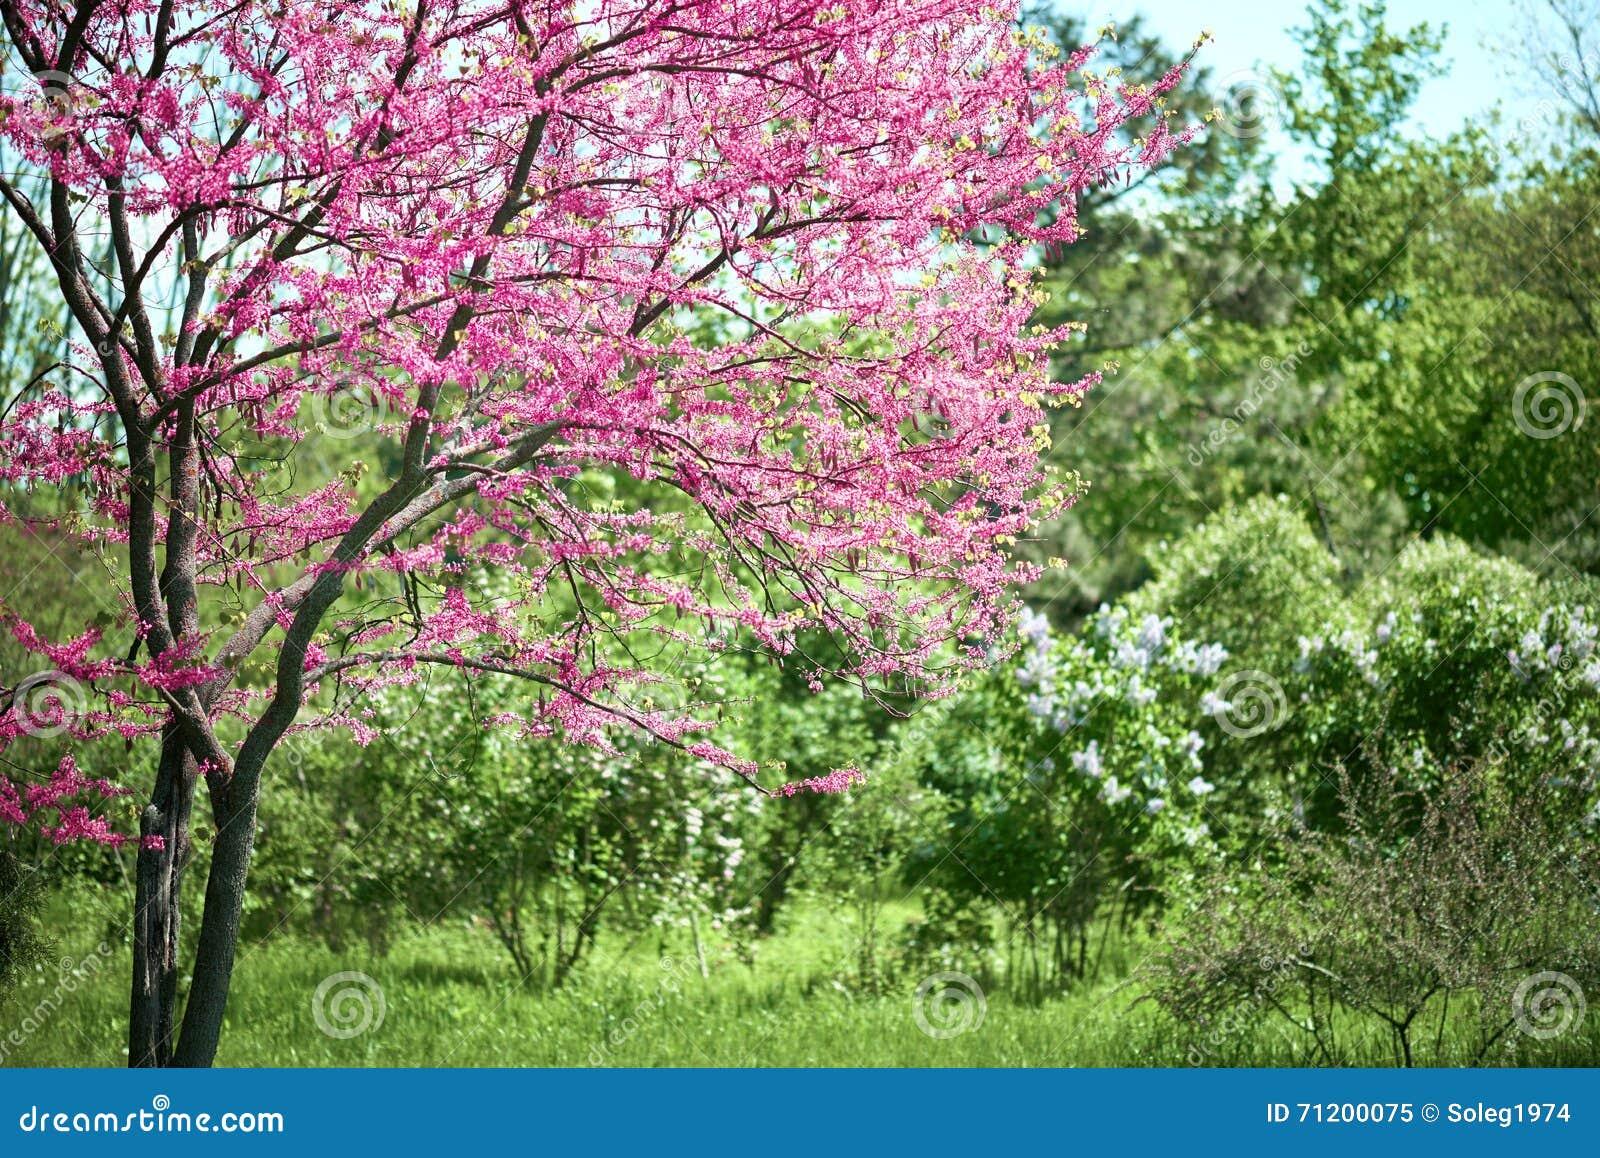 derosa em ramos de árvore floresce em um jardim, paisagem bonita da